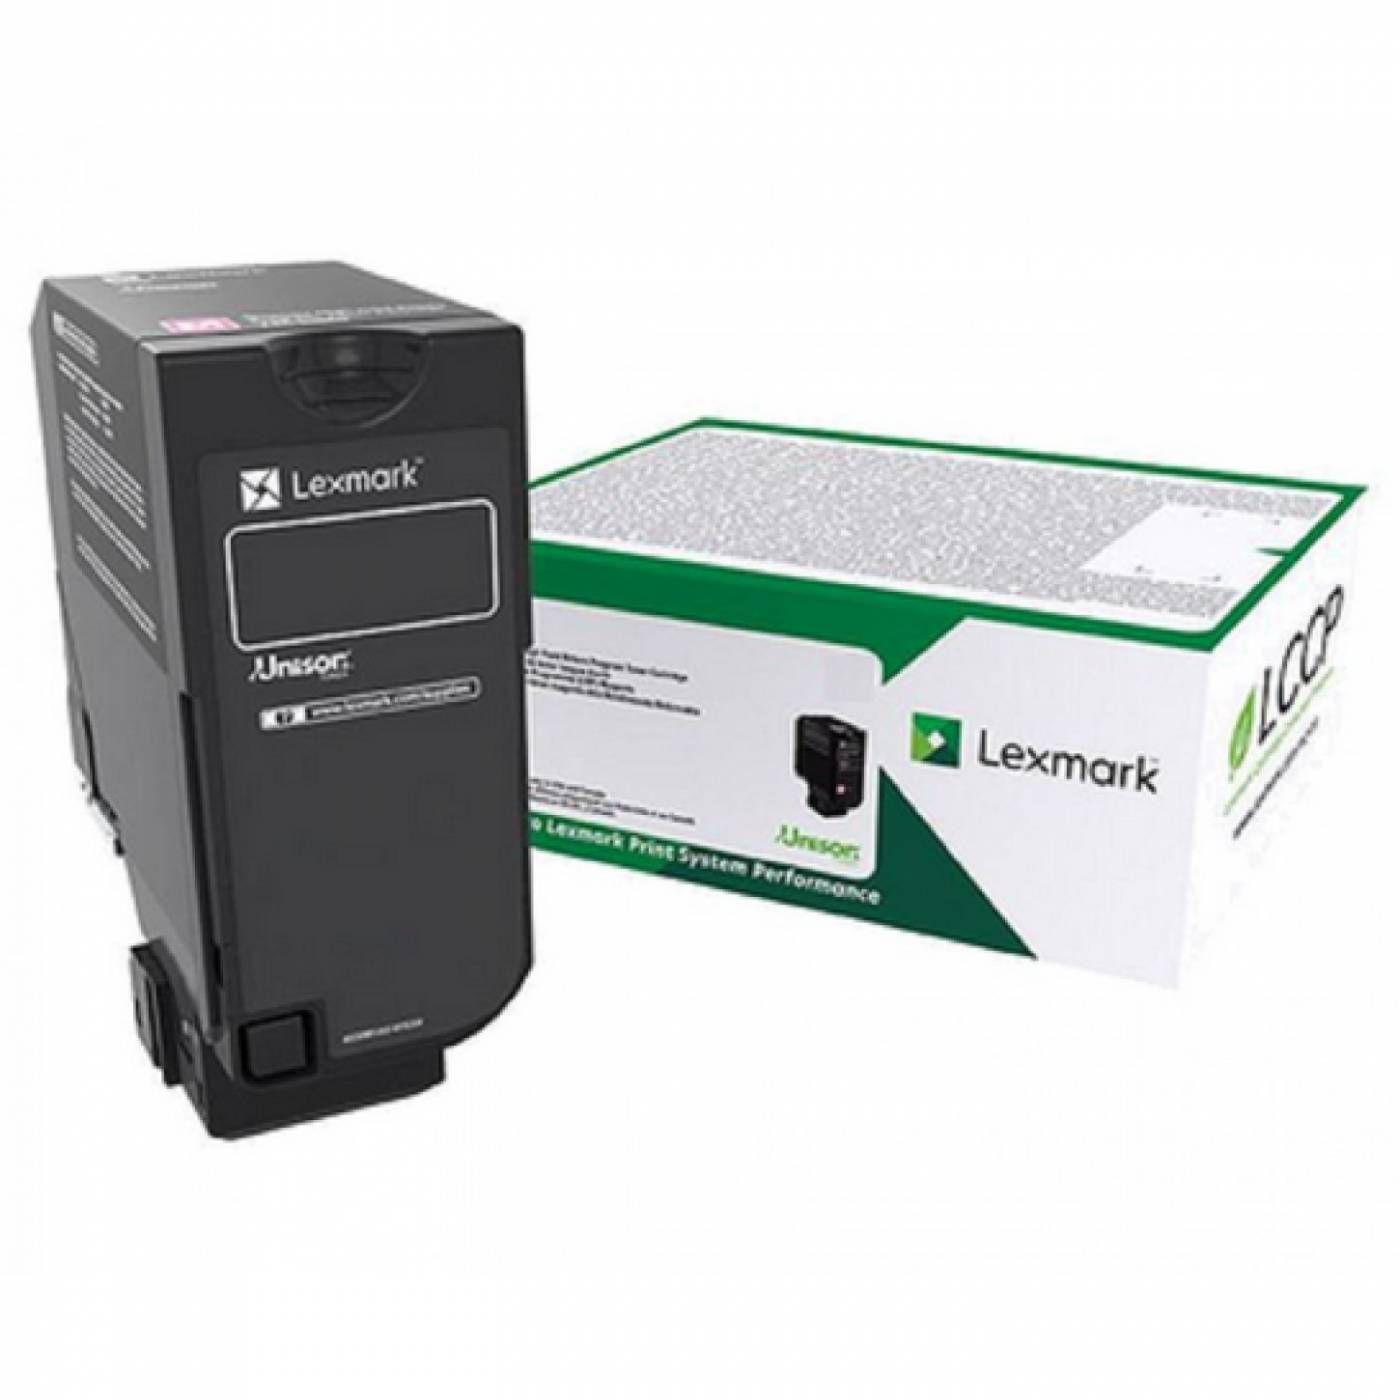 Toner Lexmark 84C4HK0 Original rendimento extra-alto ? 25.000 Pgs - Preto